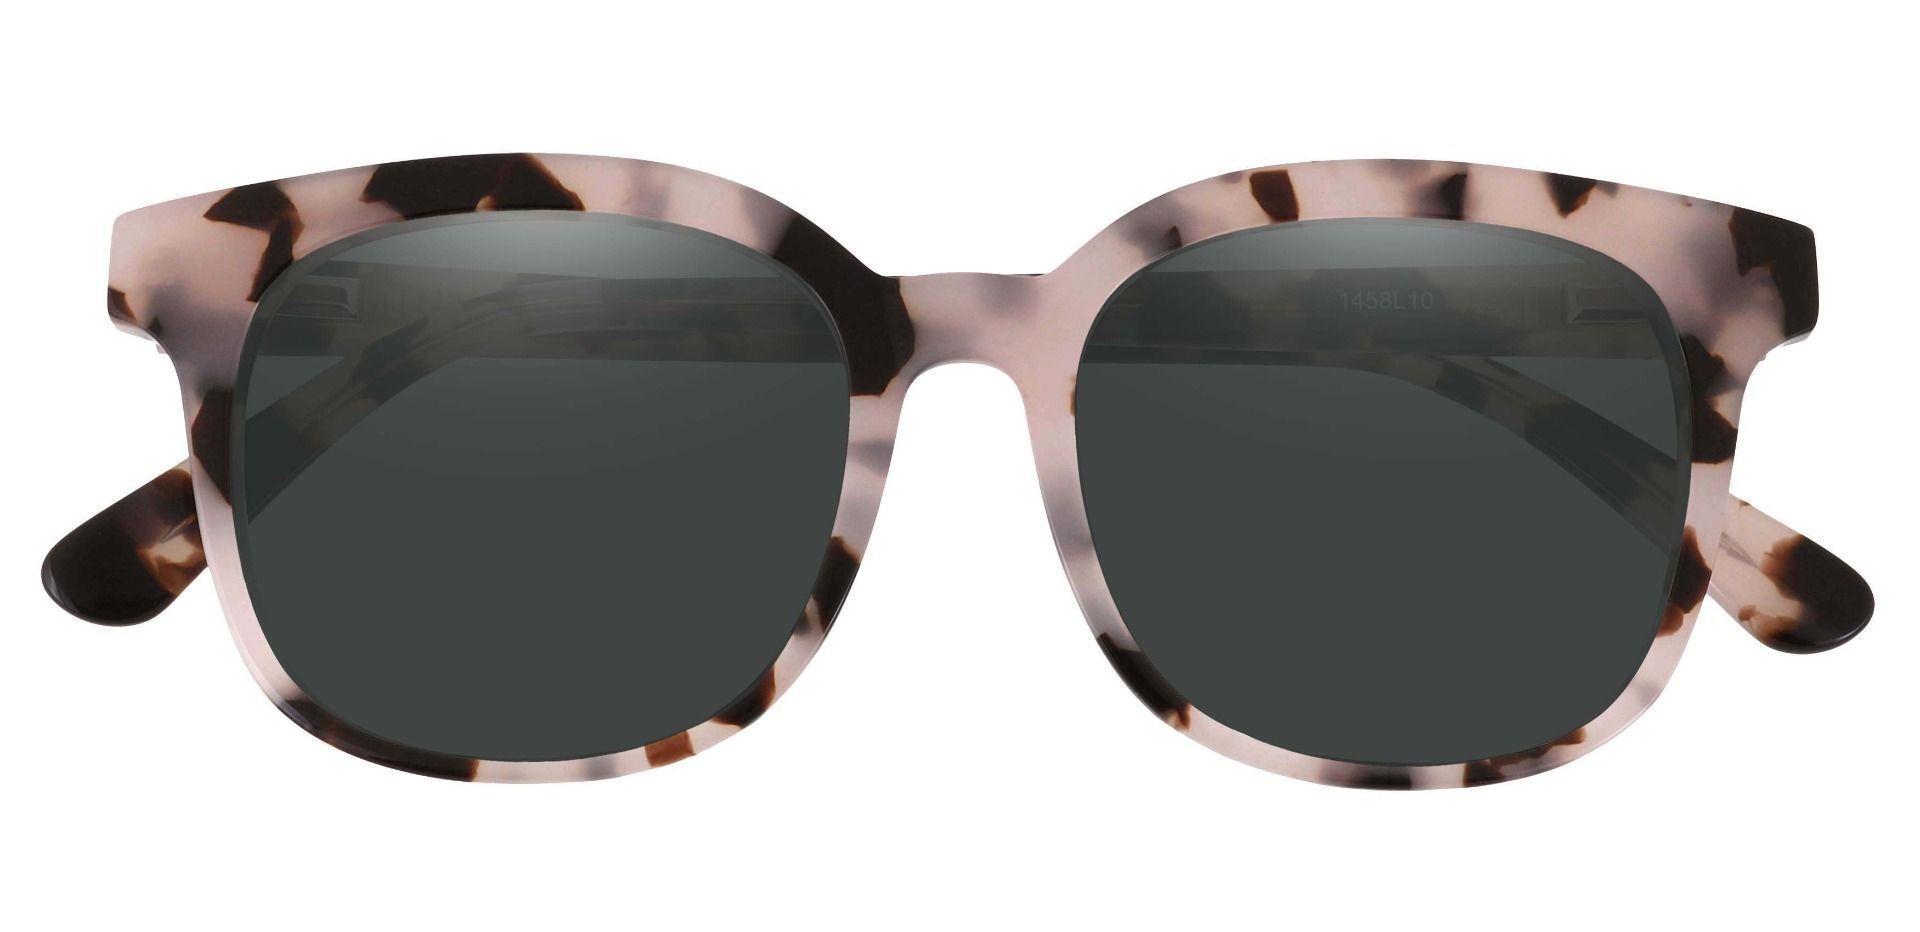 Tenor Square Prescription Sunglasses - Leopard Frame With Gray Lenses